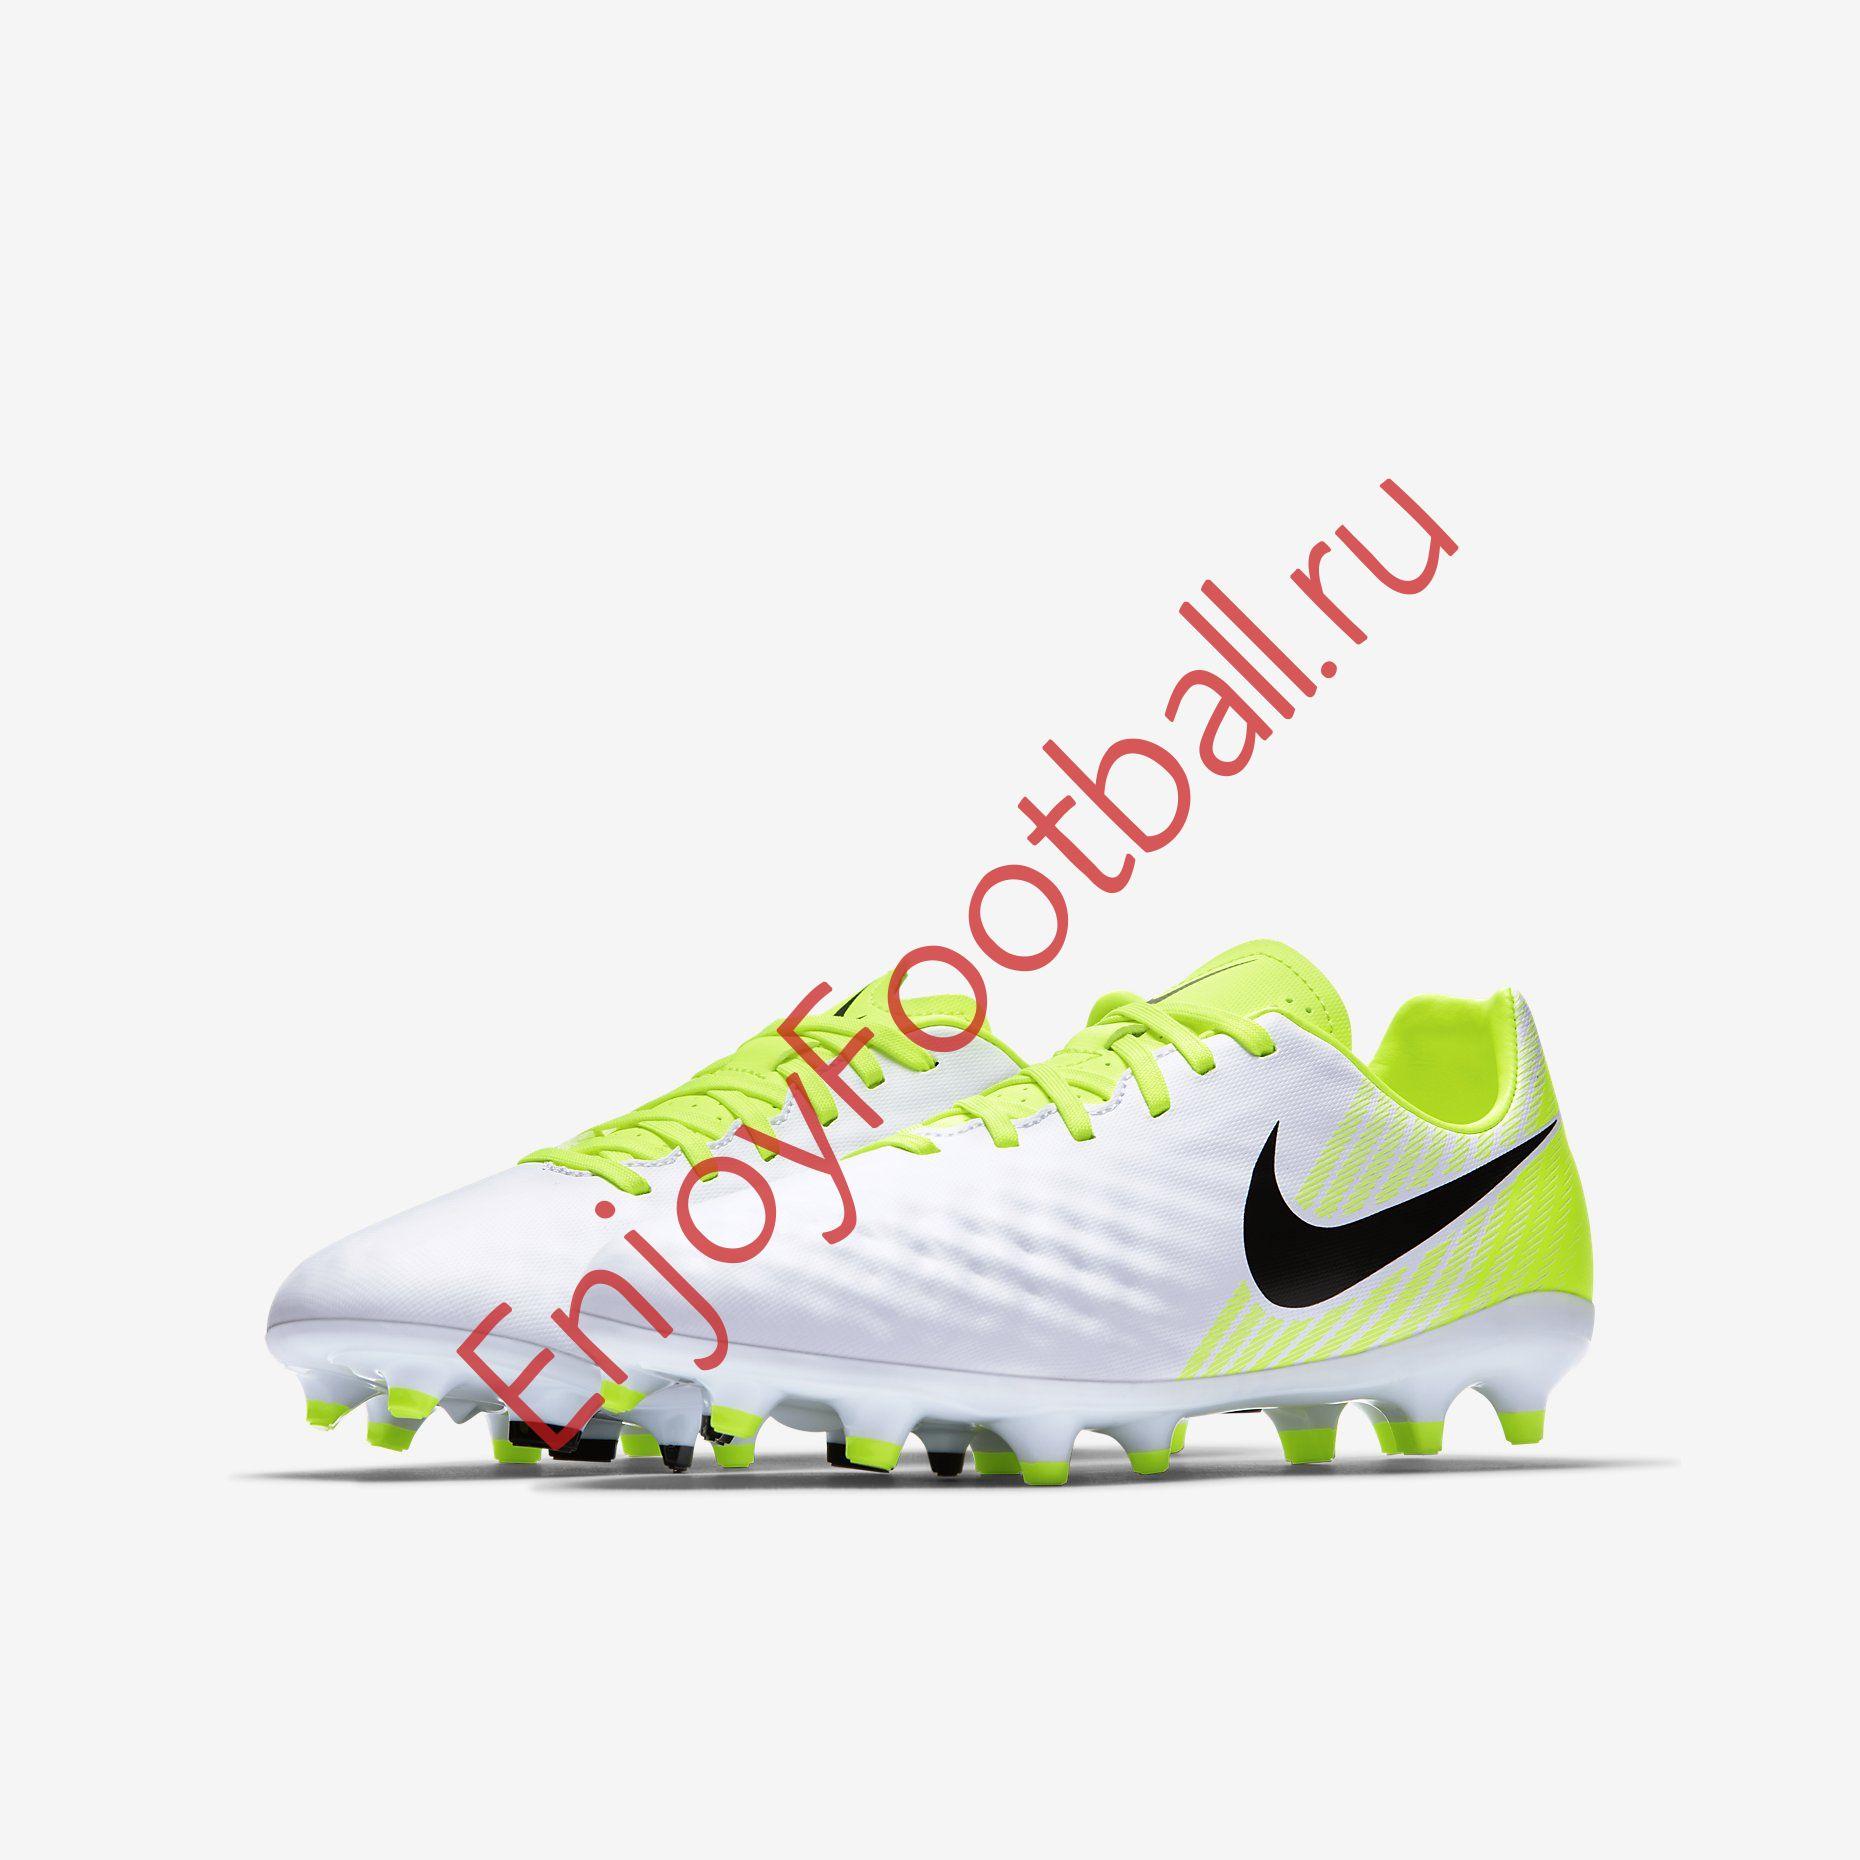 Детские бутсы NIKE MAGISTA OPUS II FG 844415-109 JR - детская футбольная  обувь Магиста ... 29d62c4a5cf